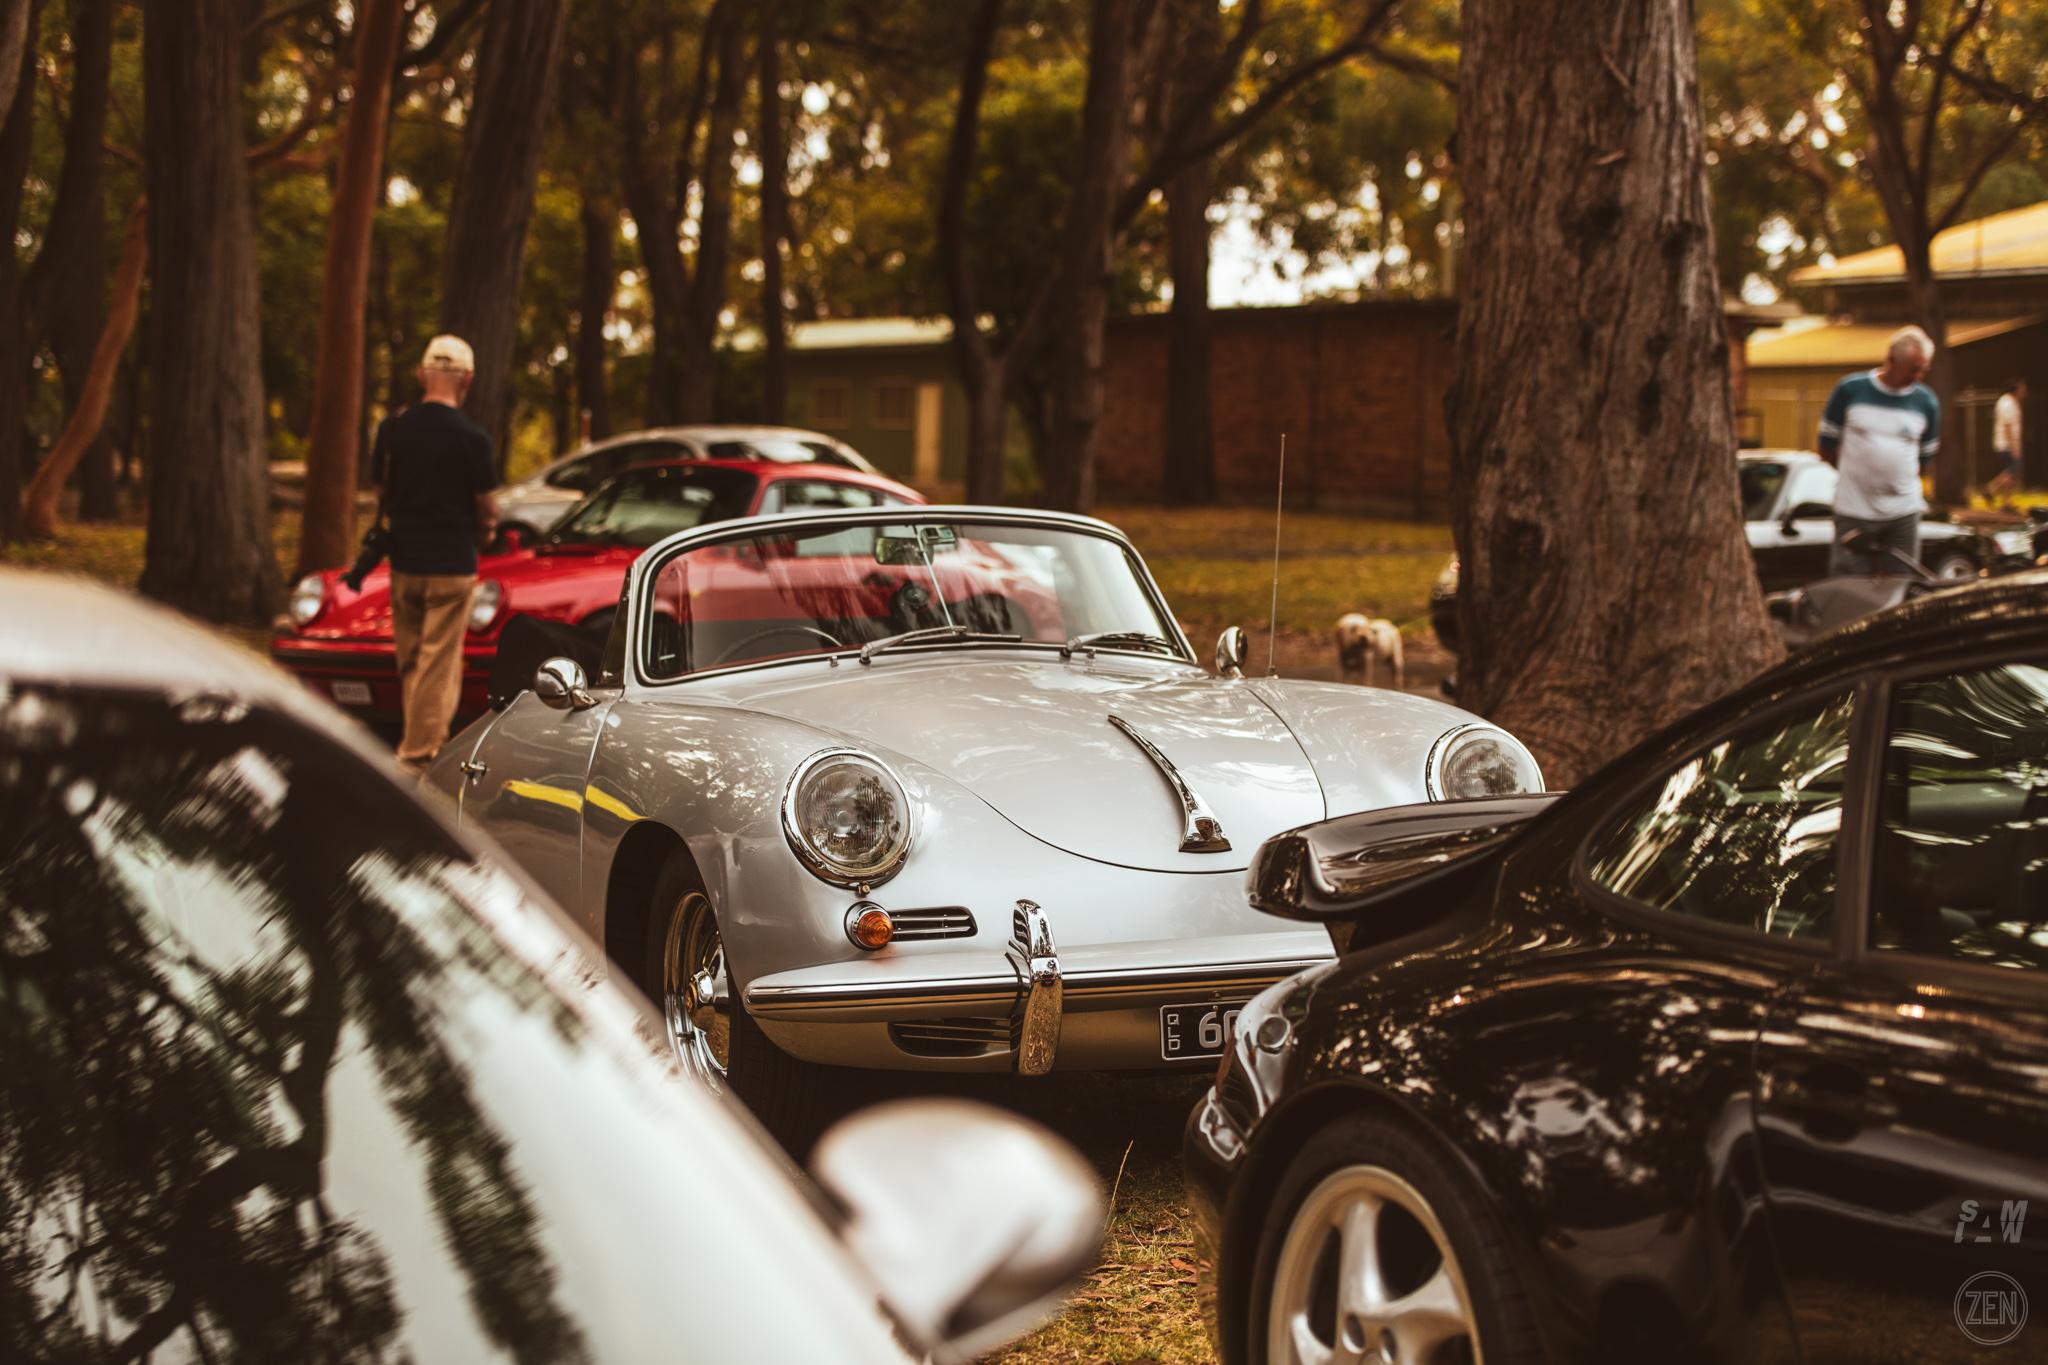 2019-12-08 - Porsches & Coffee 093